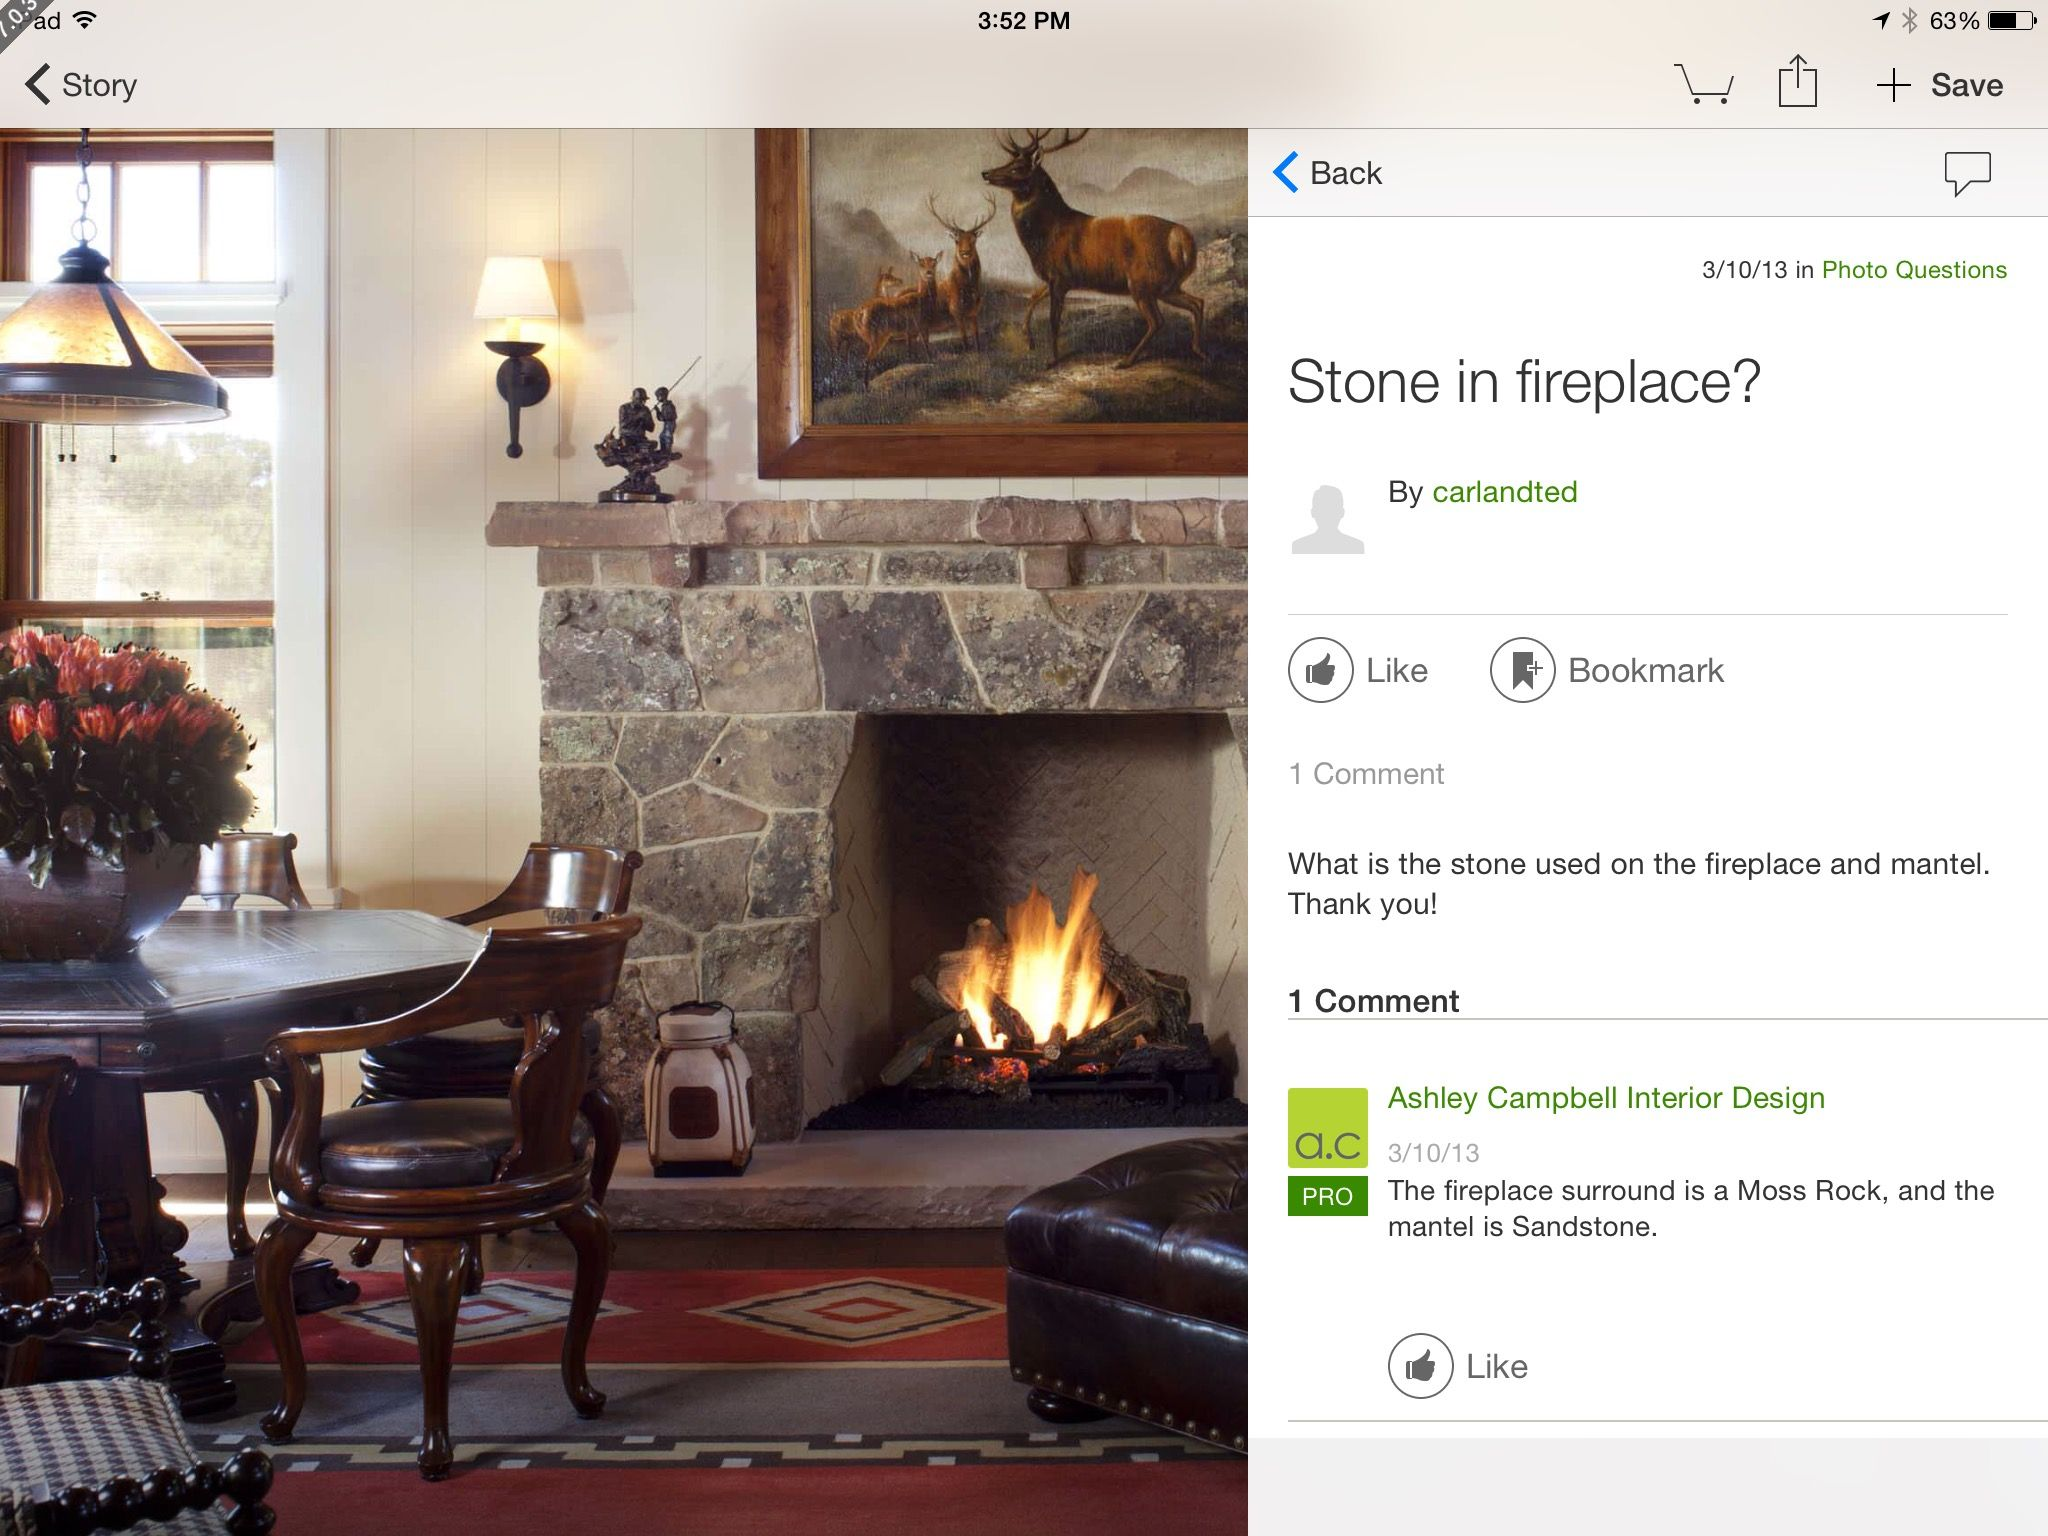 I like the stonework on the fireplace.